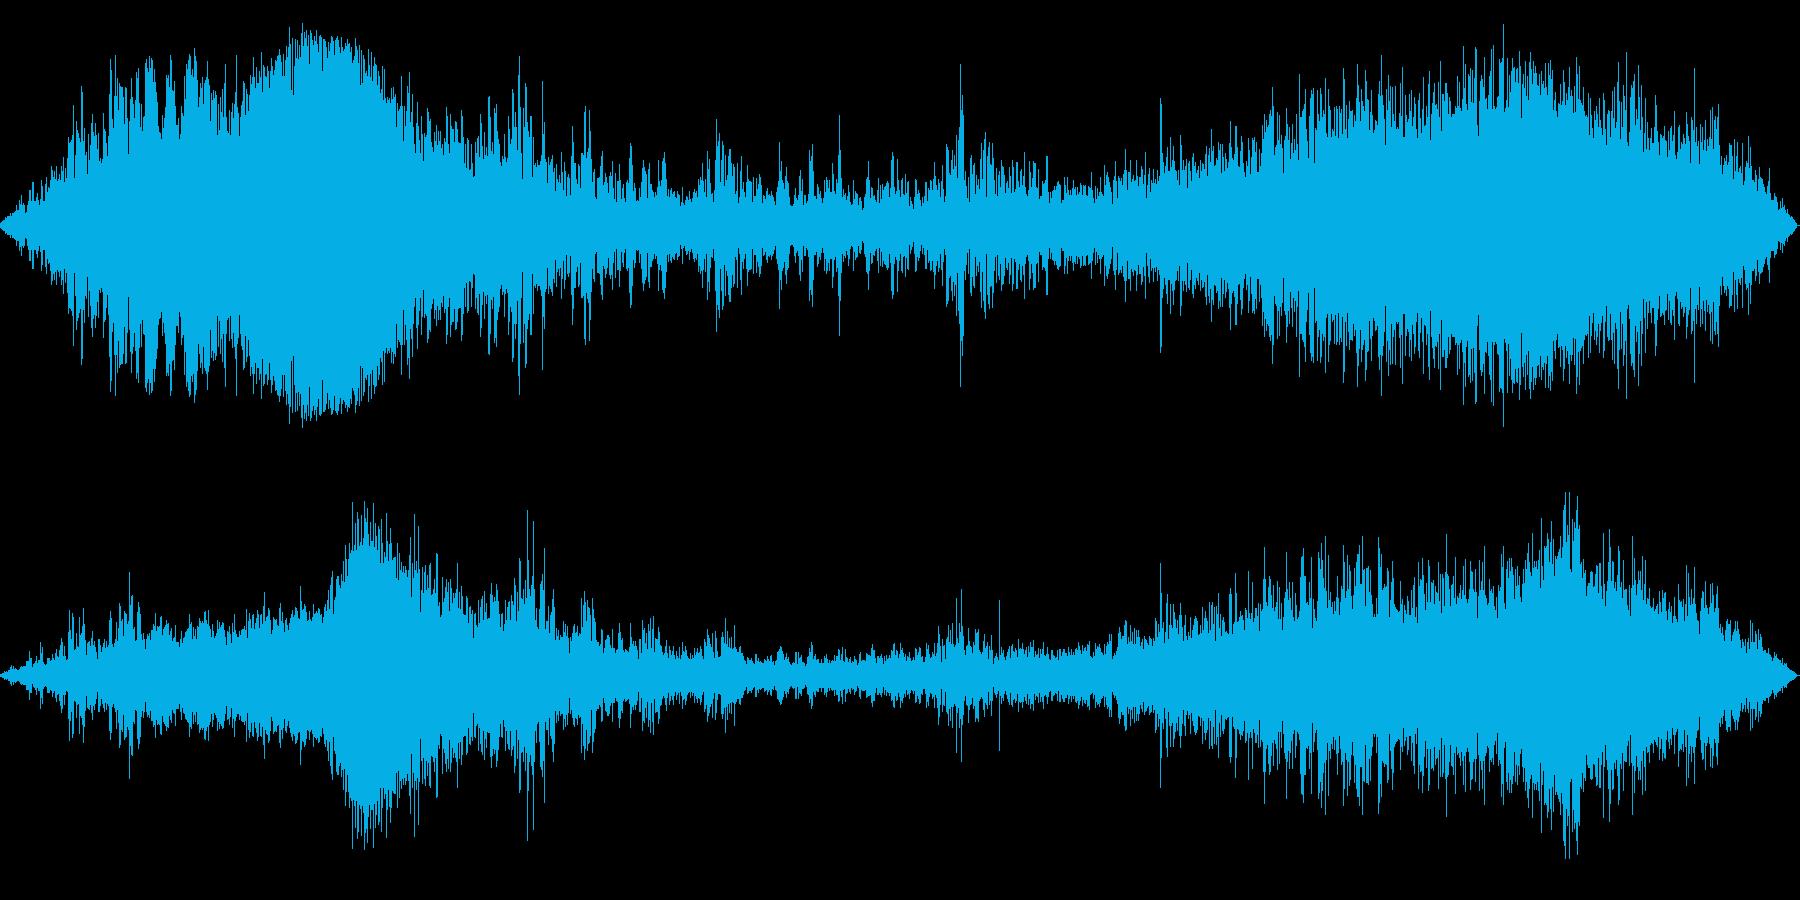 雨クルマ通過(激しい雨の中の風景)の再生済みの波形